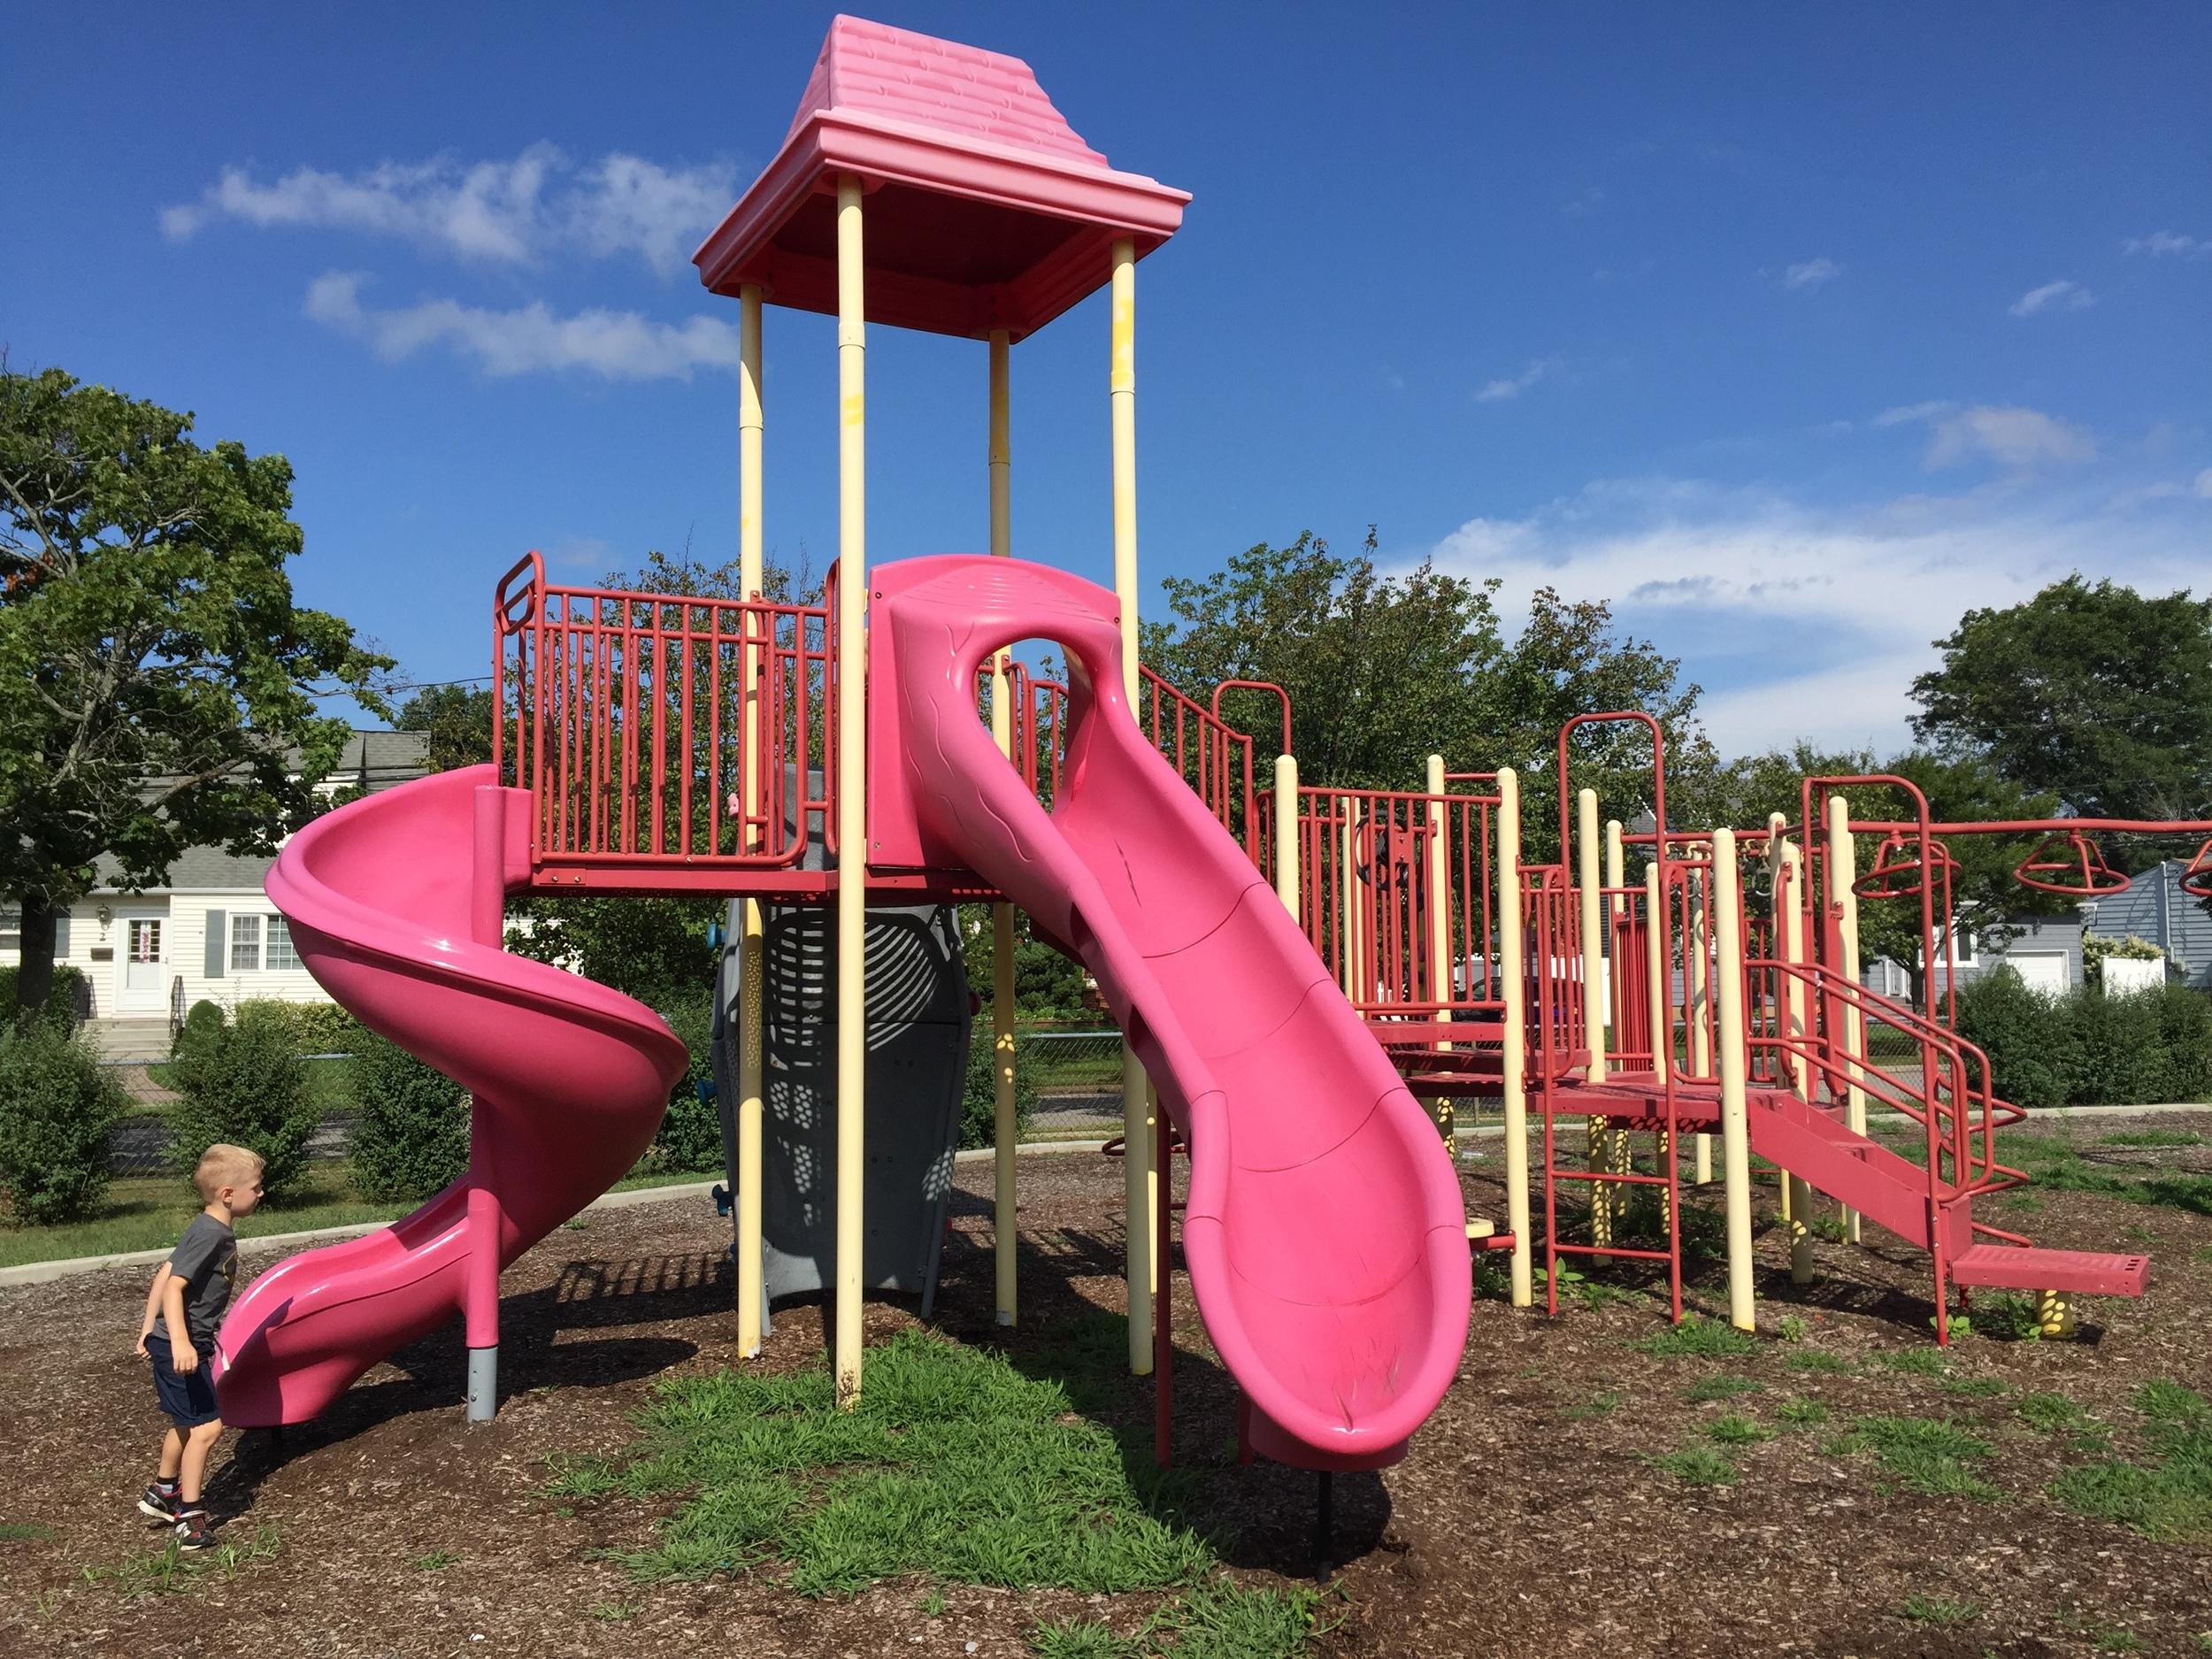 Rose St Playground